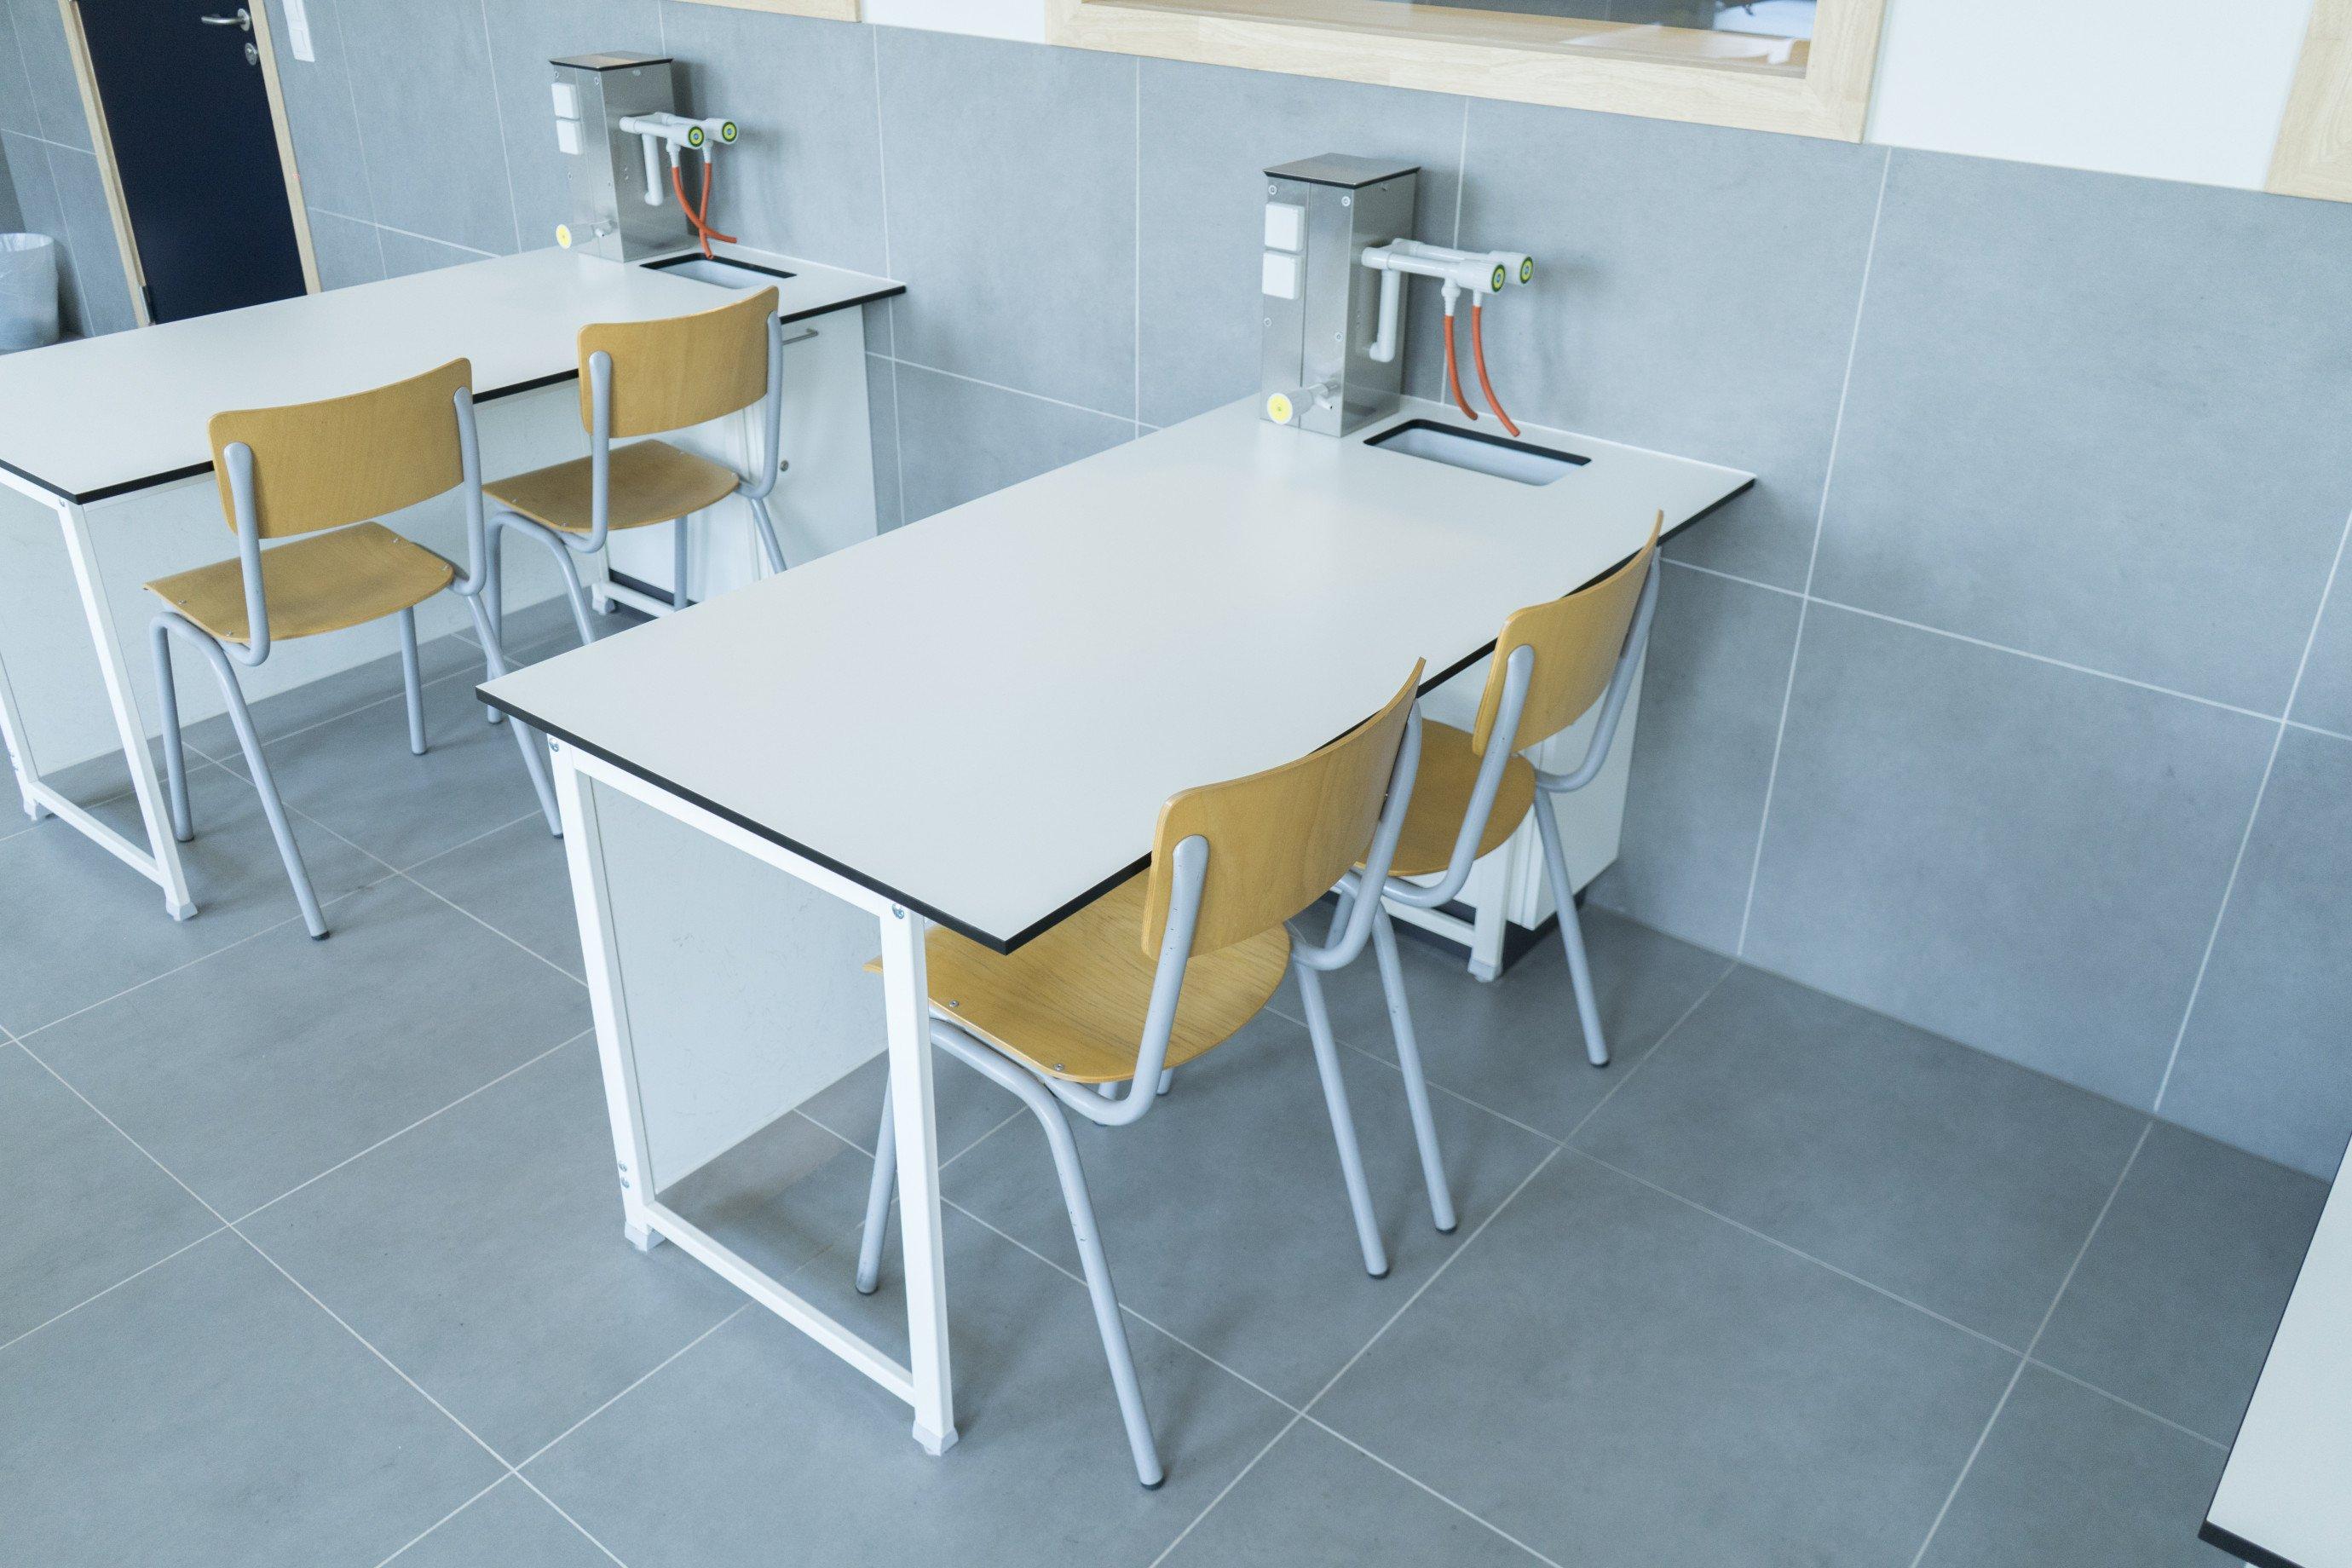 Inrichting laboklas: leerlingentafel met energiezuil